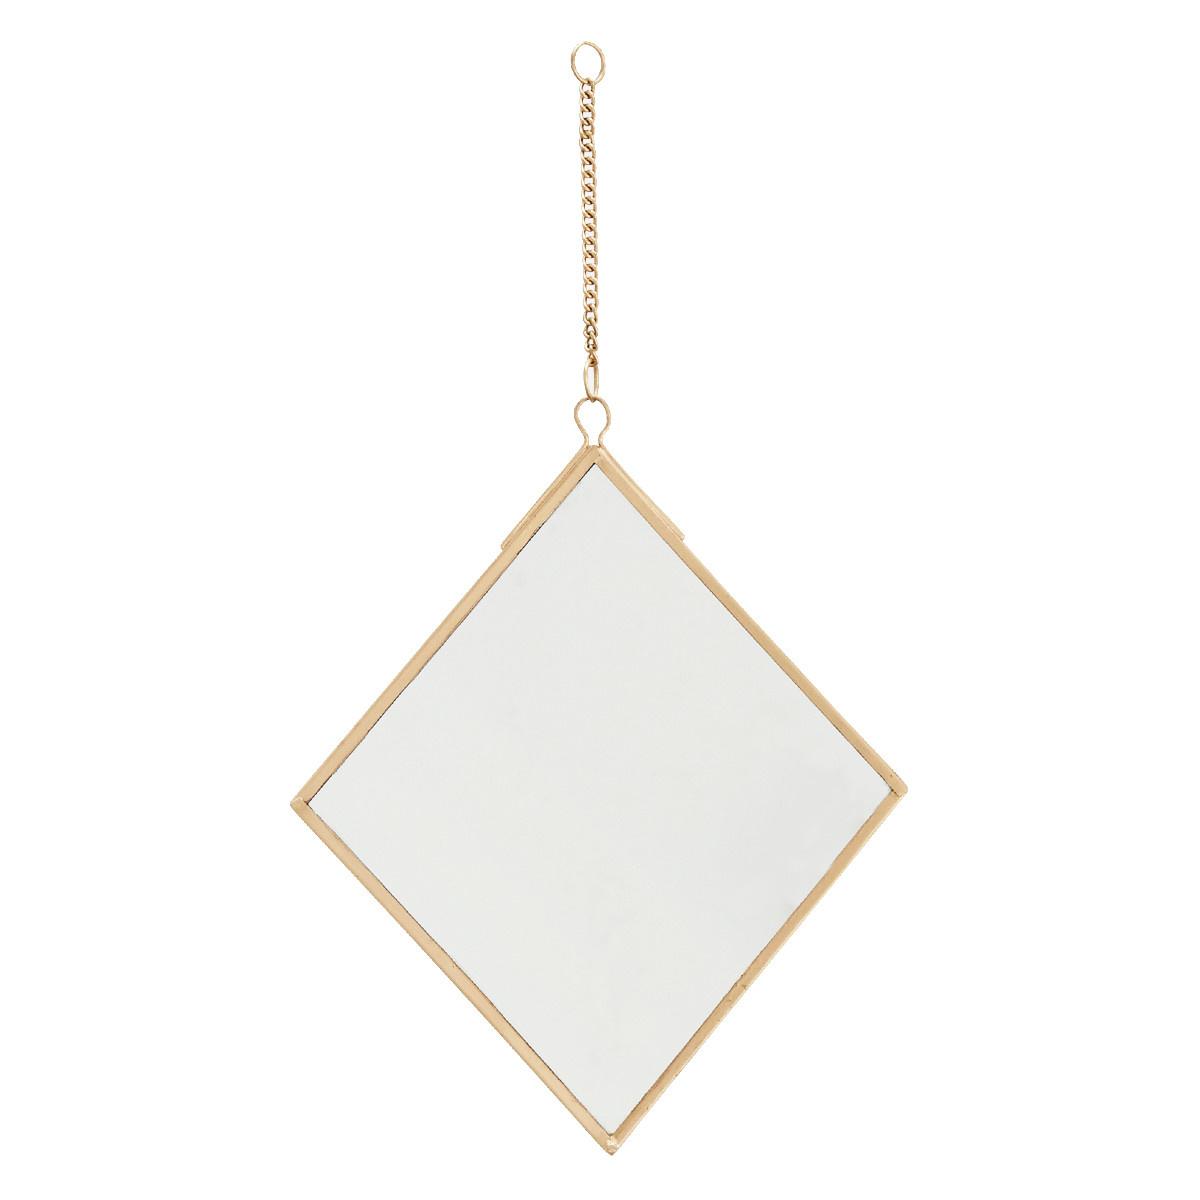 Miroir décoratif forme losange métal doré 15x17